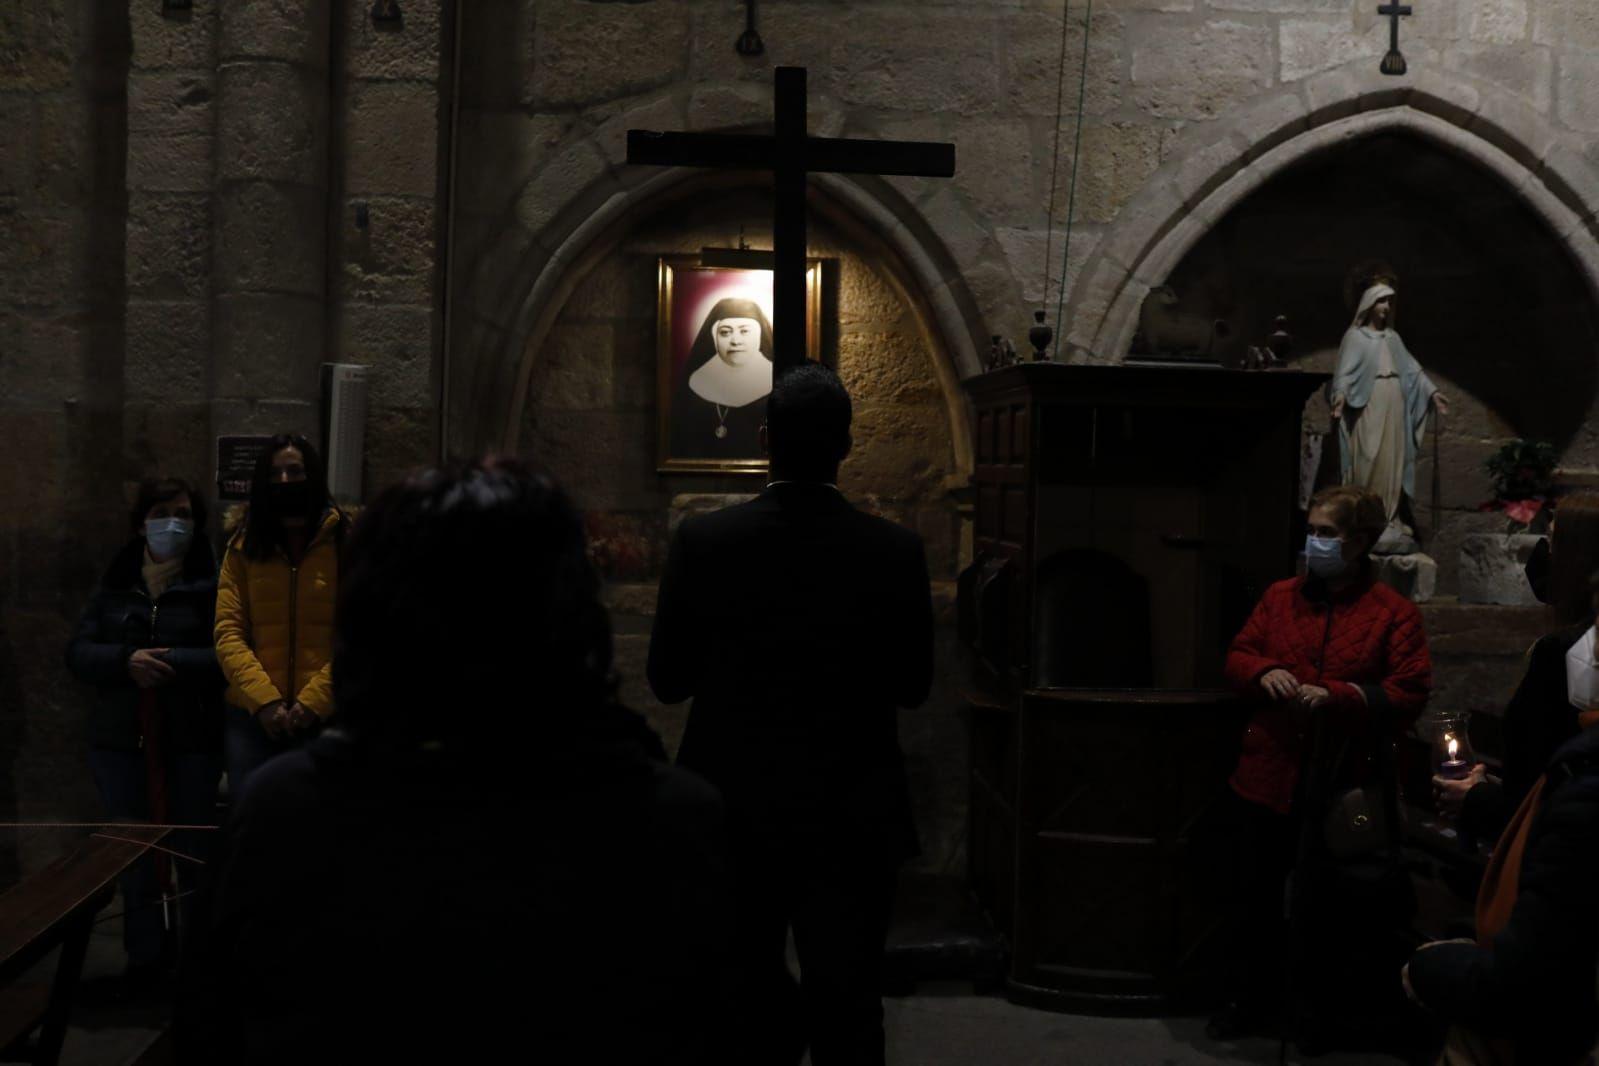 GALERÍA | El Vía Crucis de Jesús Nazareno, en imágenes